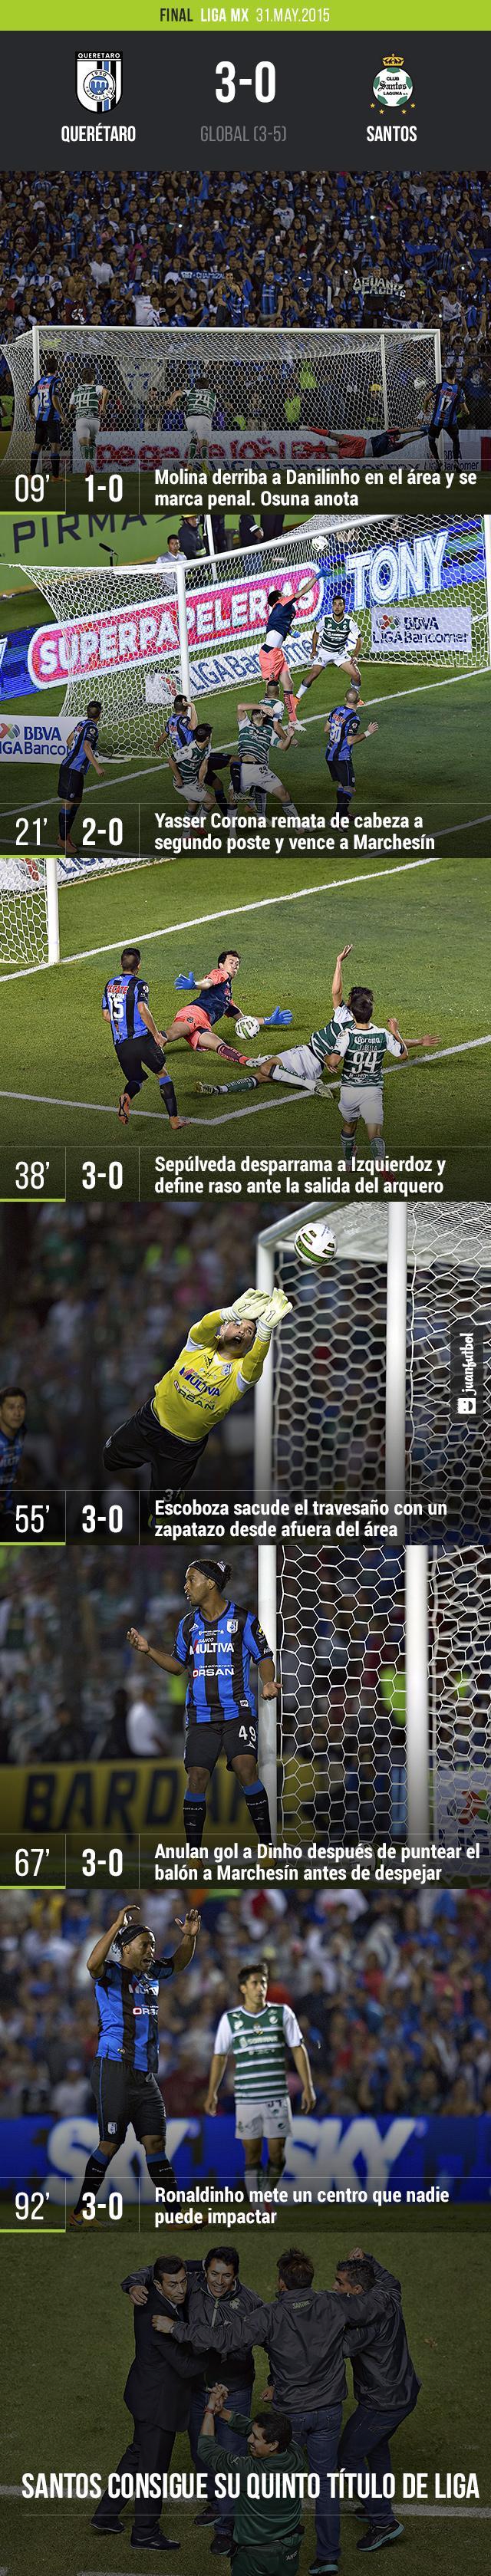 Santos pierde frente a Quéretaro en la final de vuelta pero se corona Campeón por marcador global de 5-3